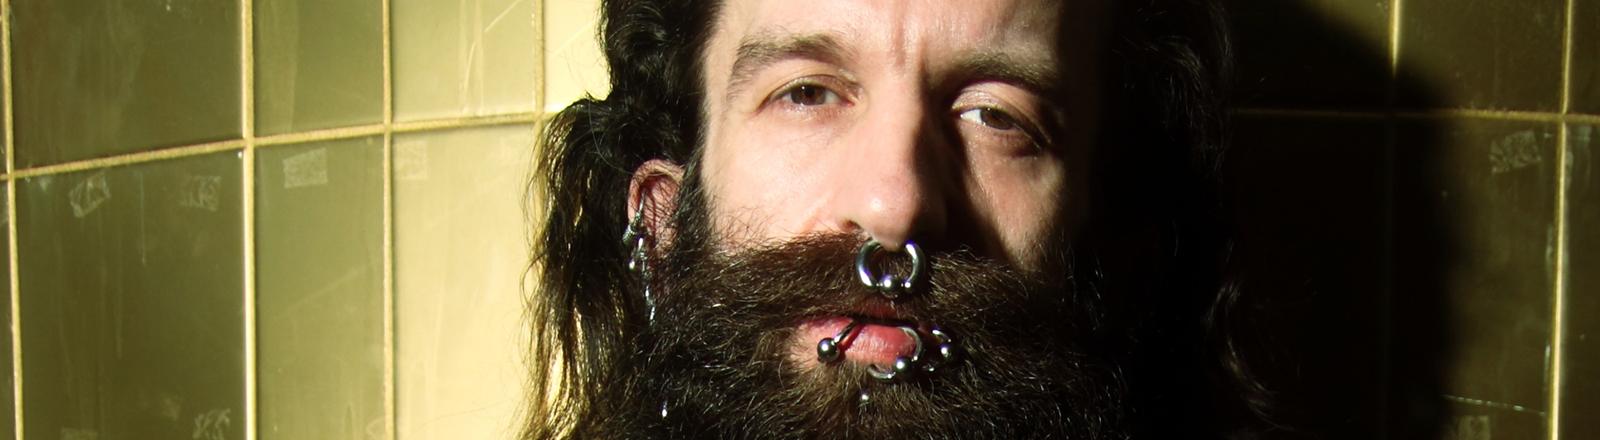 Mann mit Bart und Piercings lehnt an einer Wand